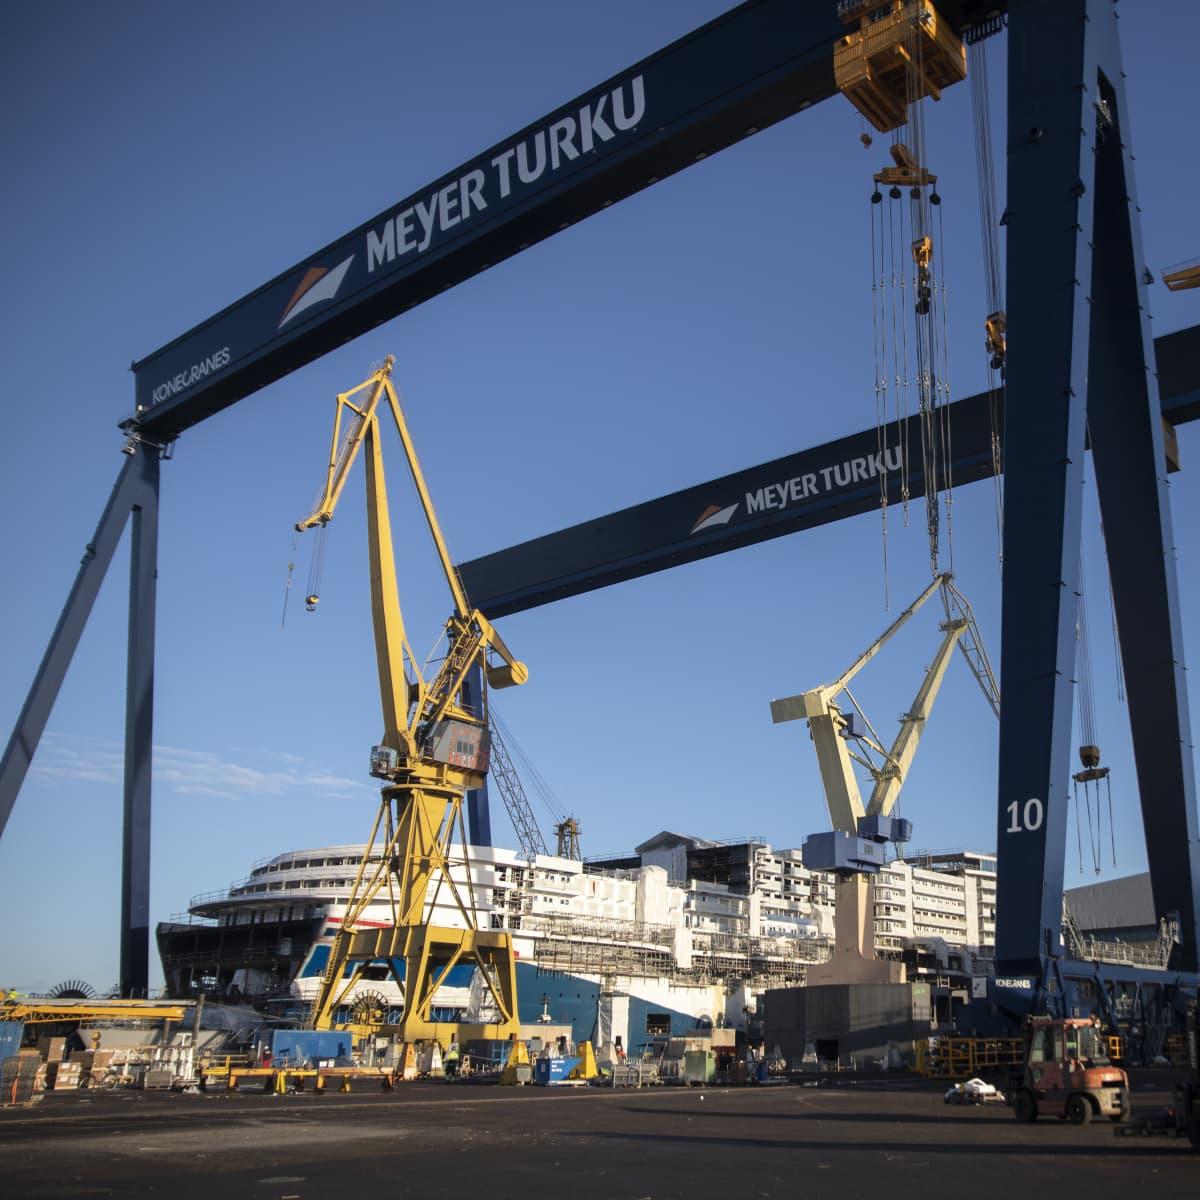 Carnival Mardi Gras -alus rakenteilla Turun telakalla